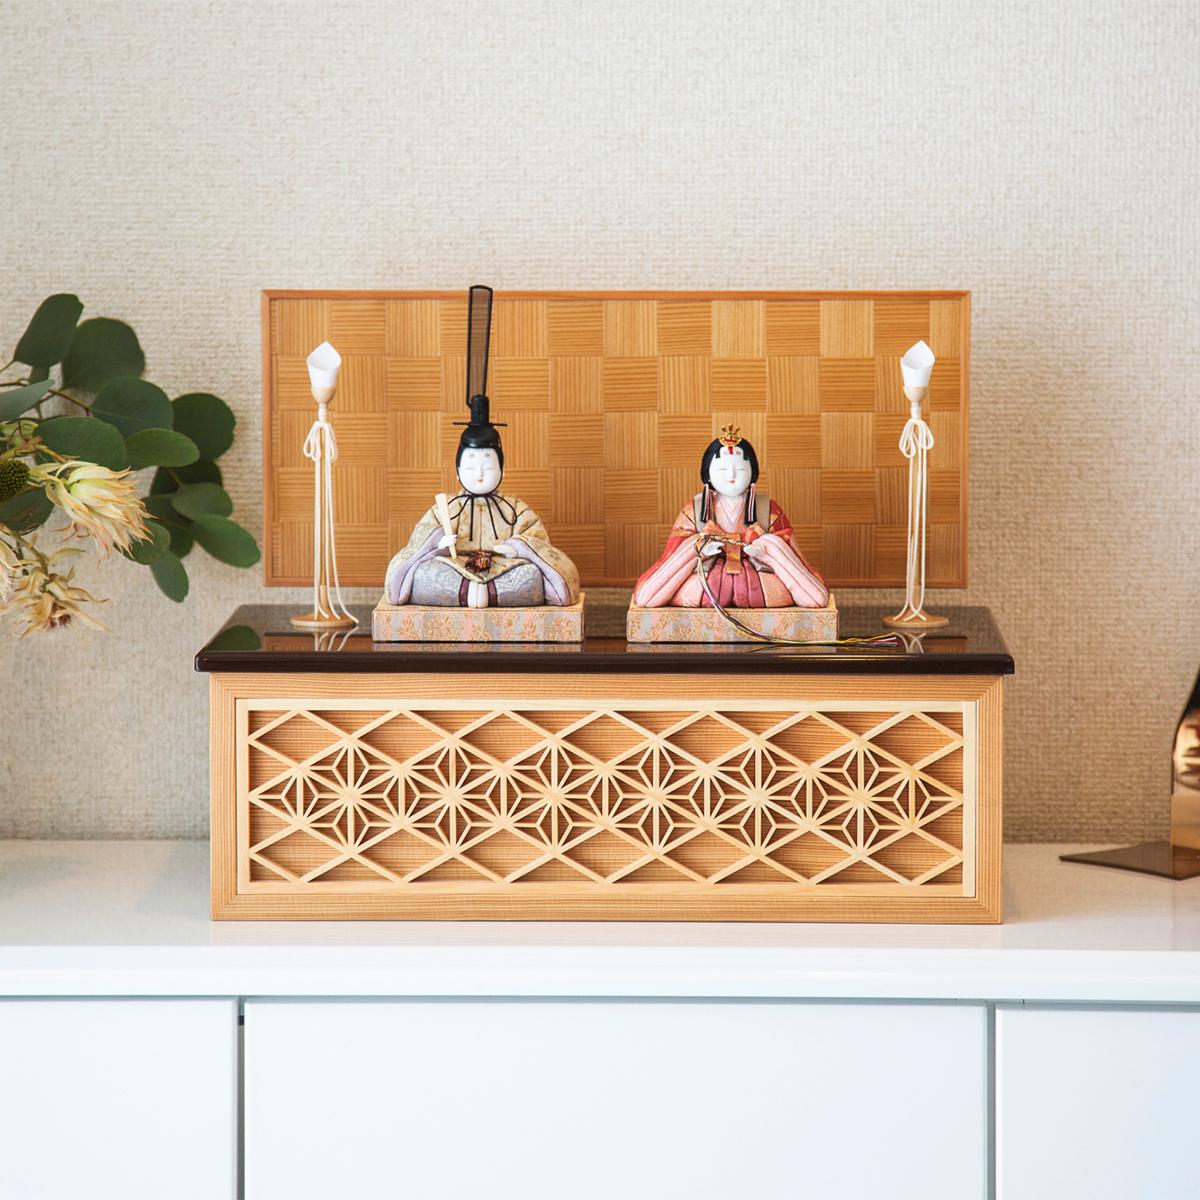 『毎年の幸せ』が御嬢様と家族に訪れる|*今期完売*《鹿沼組子 - 四角形(中)》7つの日本伝統工芸をコンパクトにした、木目込みプレミアム雛人形 | 宝想雛